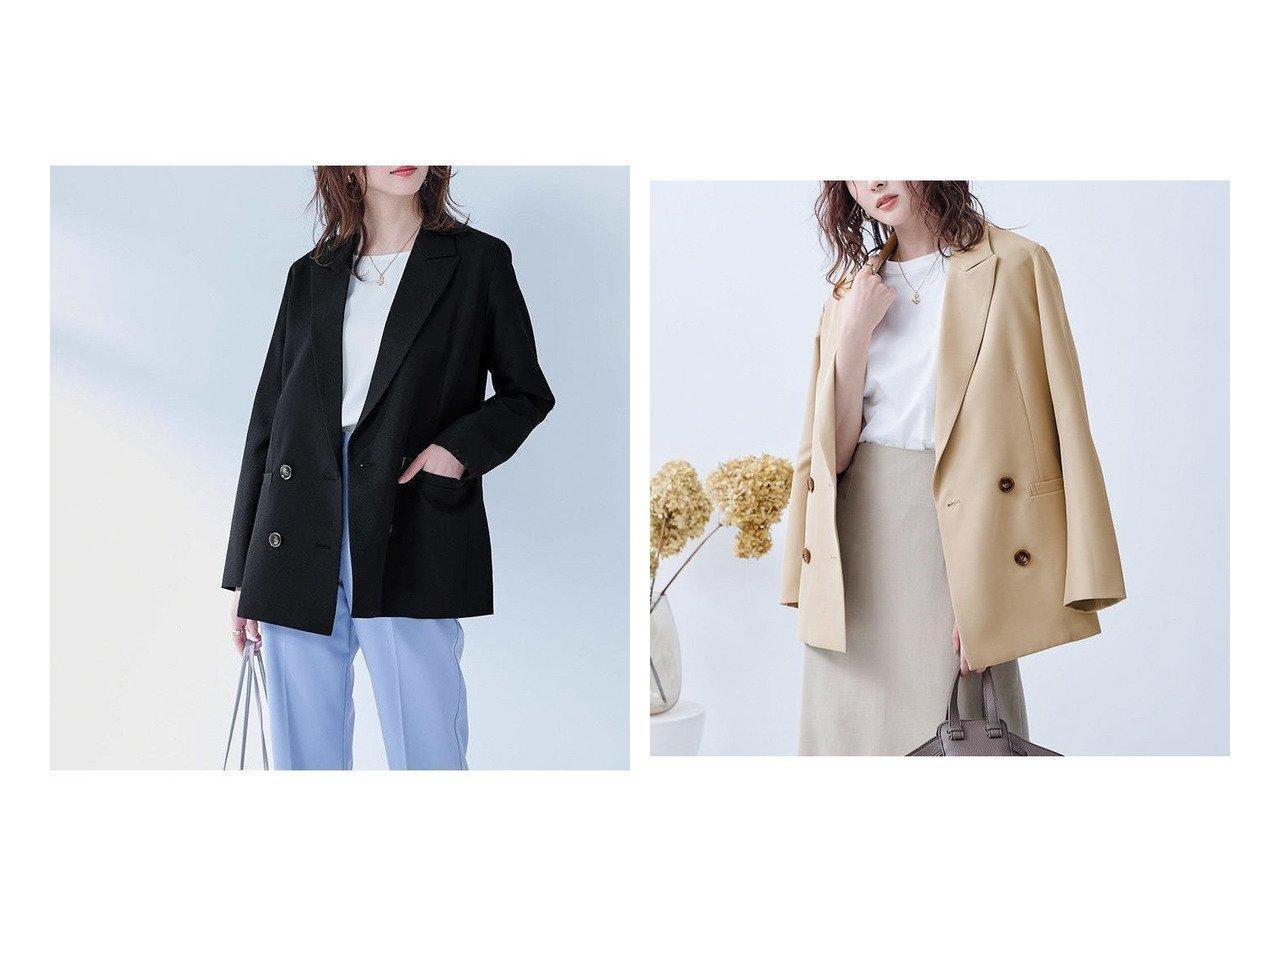 【ur's/ユアーズ】のピークドラペルダブルジャケット アウターのおすすめ!人気、トレンド・レディースファッションの通販 おすすめで人気の流行・トレンド、ファッションの通販商品 メンズファッション・キッズファッション・インテリア・家具・レディースファッション・服の通販 founy(ファニー) https://founy.com/ ファッション Fashion レディースファッション WOMEN アウター Coat Outerwear ジャケット Jackets テーラードジャケット Tailored Jackets 定番 Standard |ID:crp329100000023604